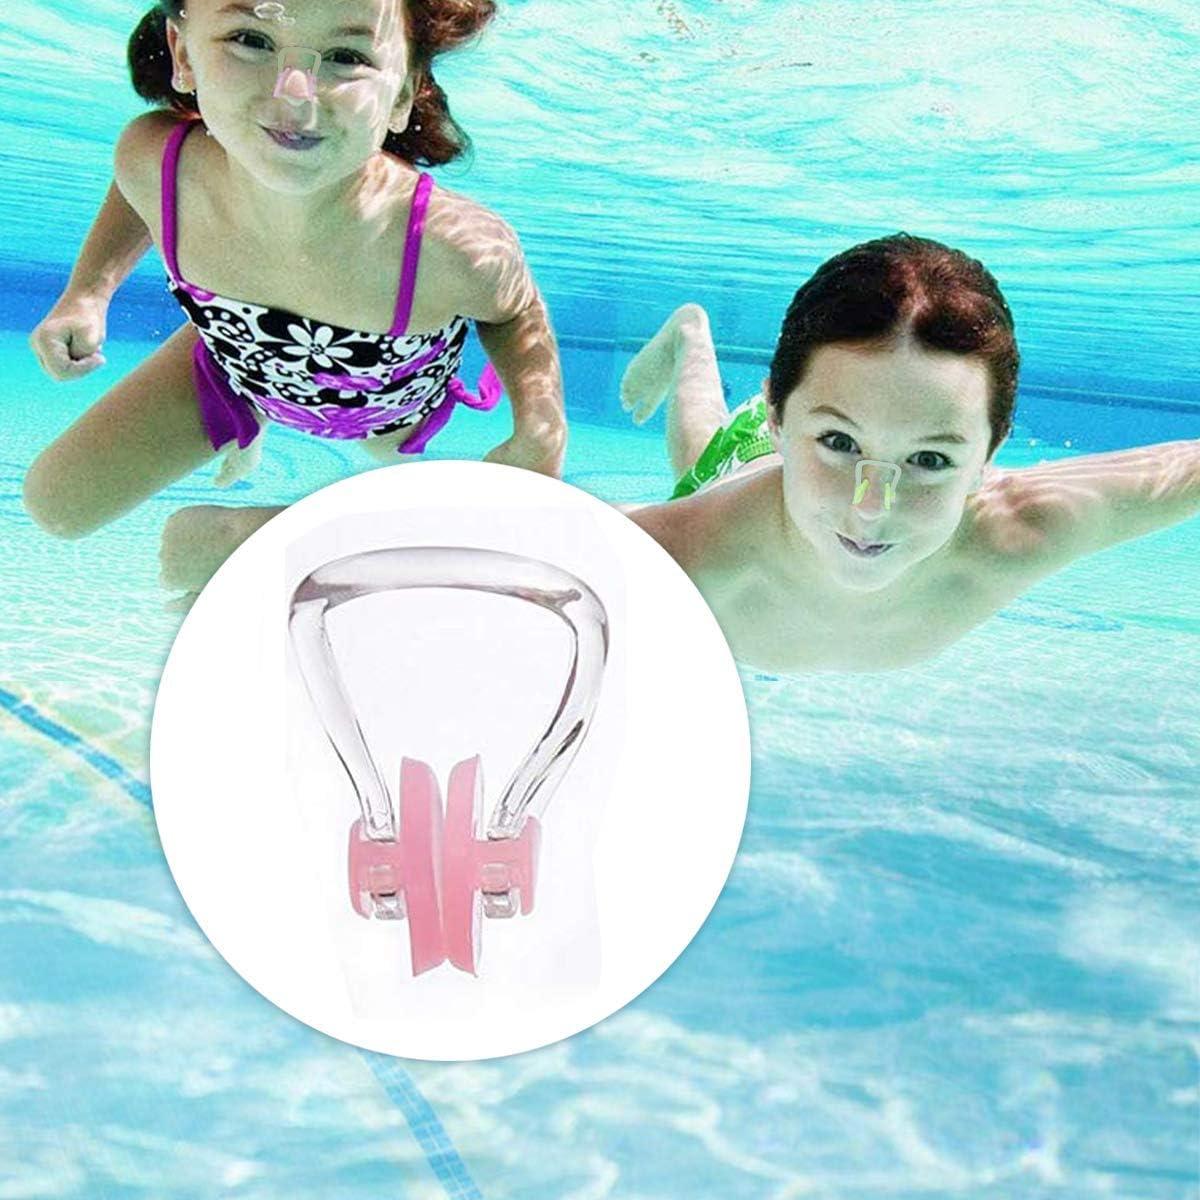 ZARRS Pince-Nez de Natation,10 Pack Silicone Pince Nez Imperm/éable Protecteur de Clip de Nez pour Adultes et Enfants